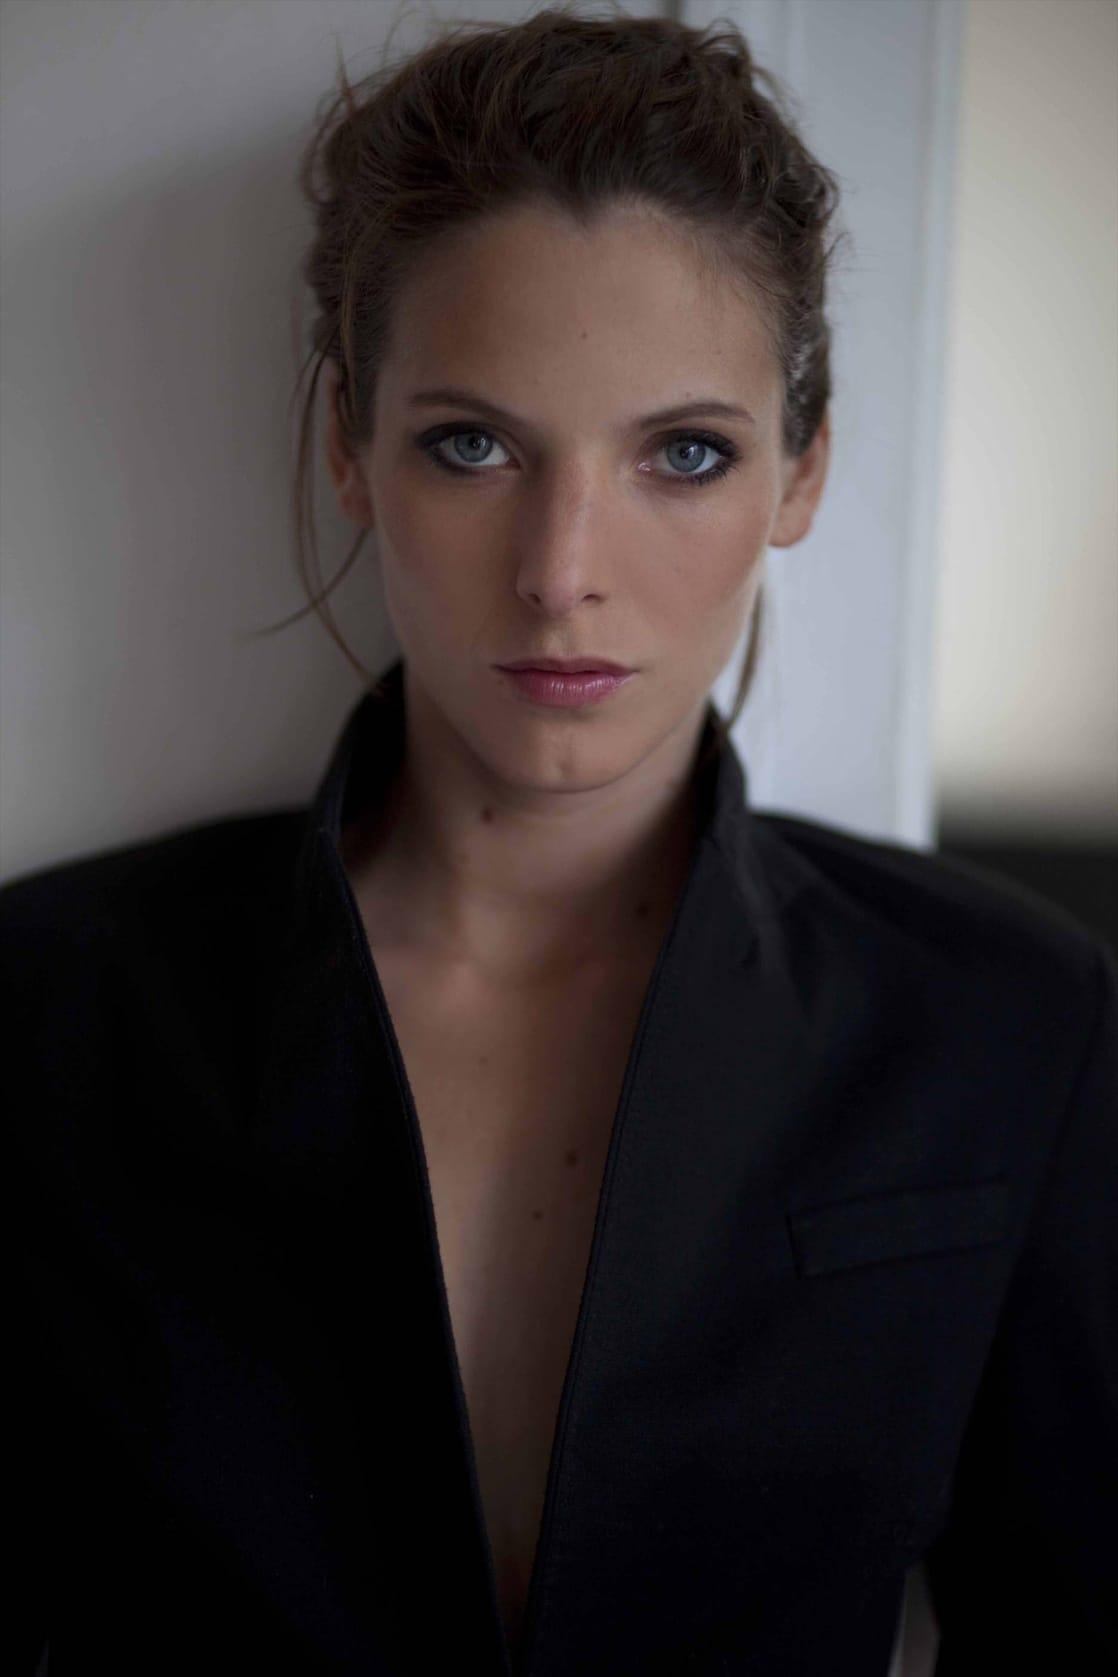 Elodie Varlet nudes (35 fotos), young Sideboobs, iCloud, bra 2020